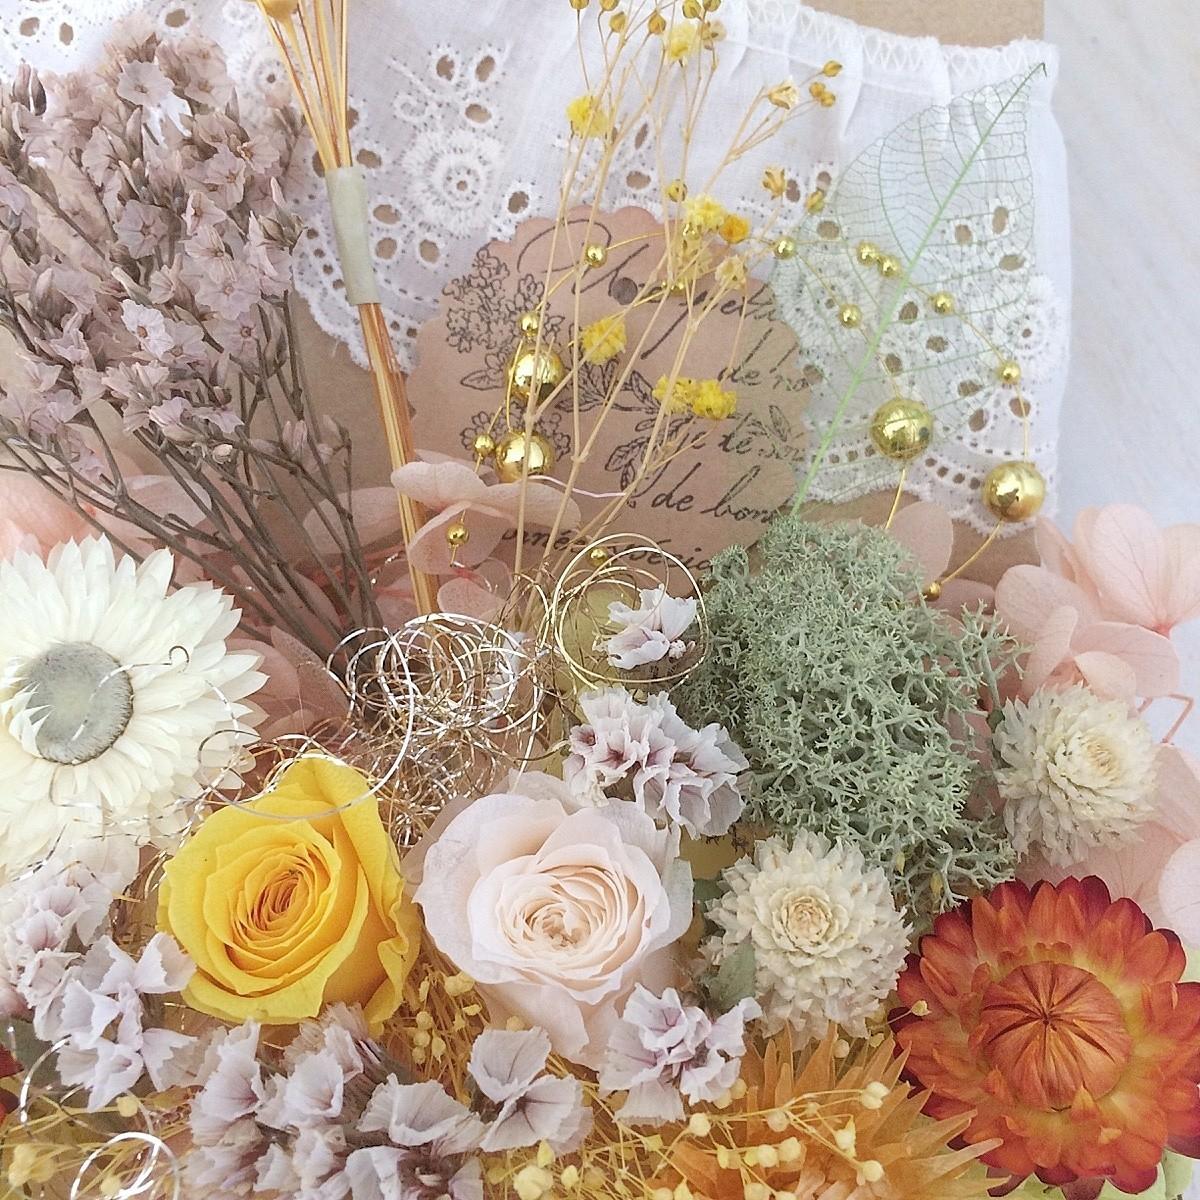 花材4 貝細工 プリザーブドフラワー ハーバリウム花材 ドライフラワー